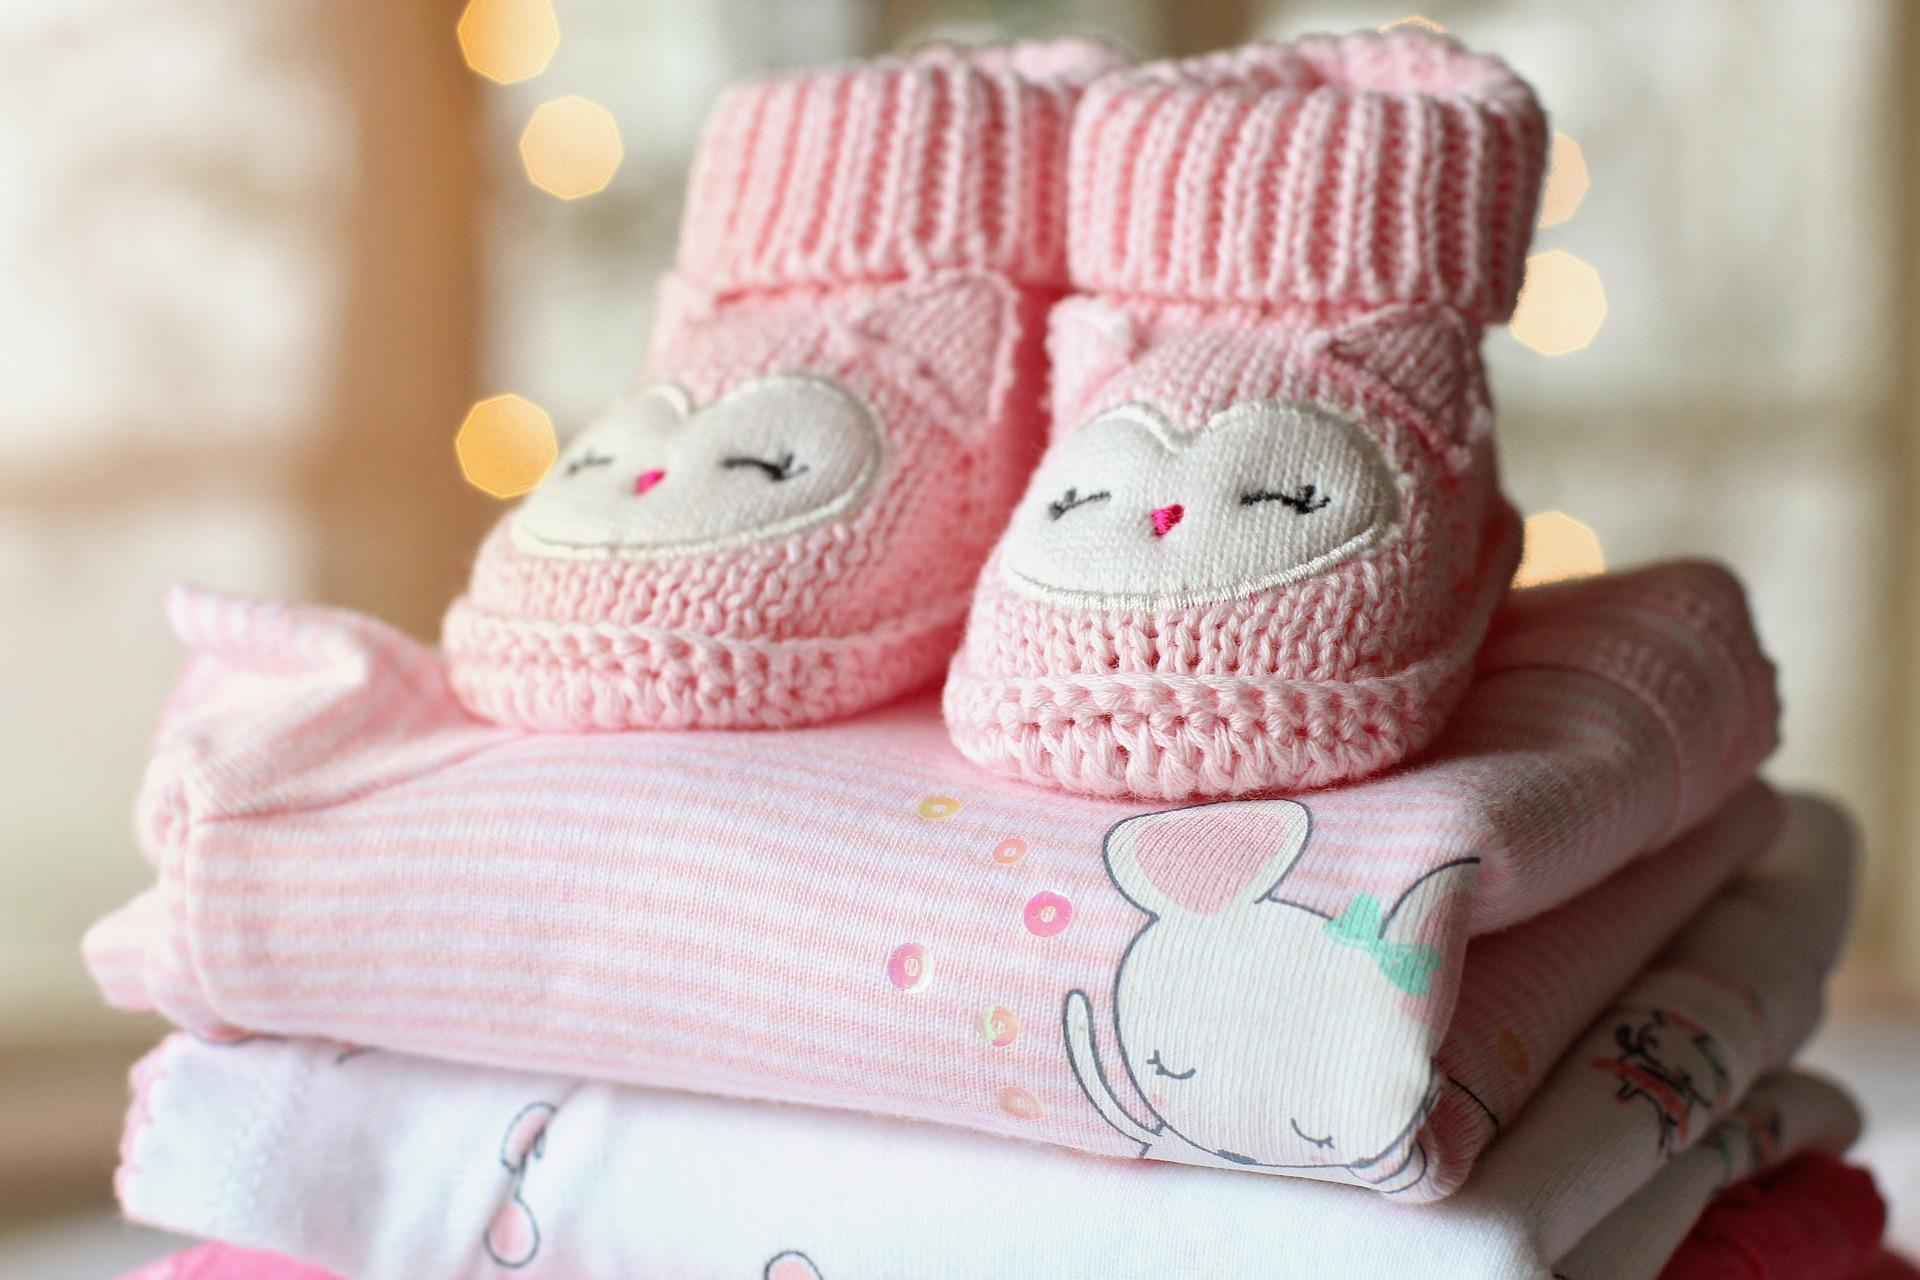 la cumparaturi haine pentru bebelusi (1)